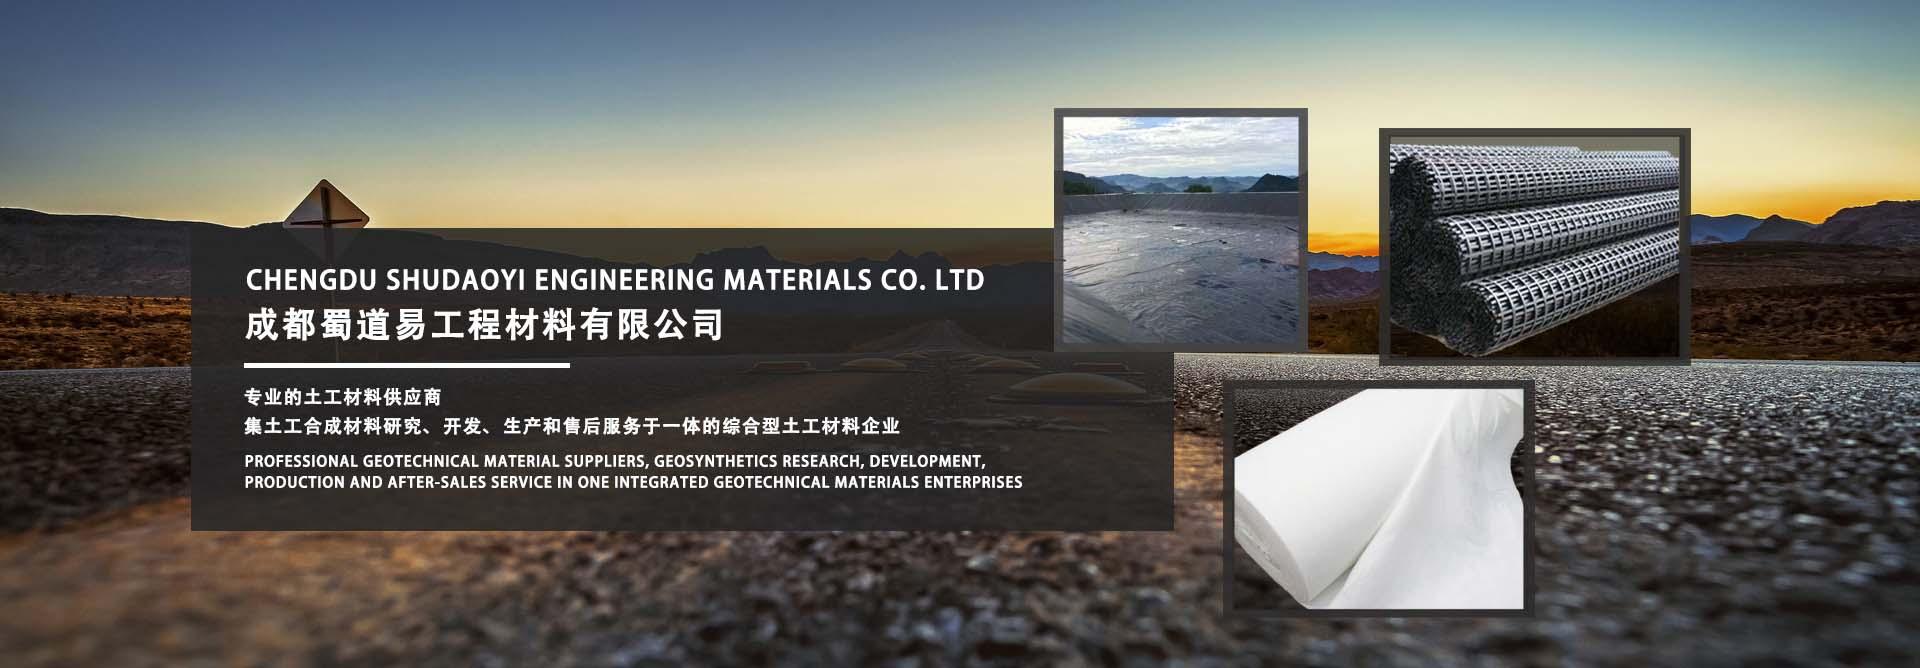 在找成都防渗土工布的朋友们欢迎大家咨询成都蜀道易工程材料有限公司。